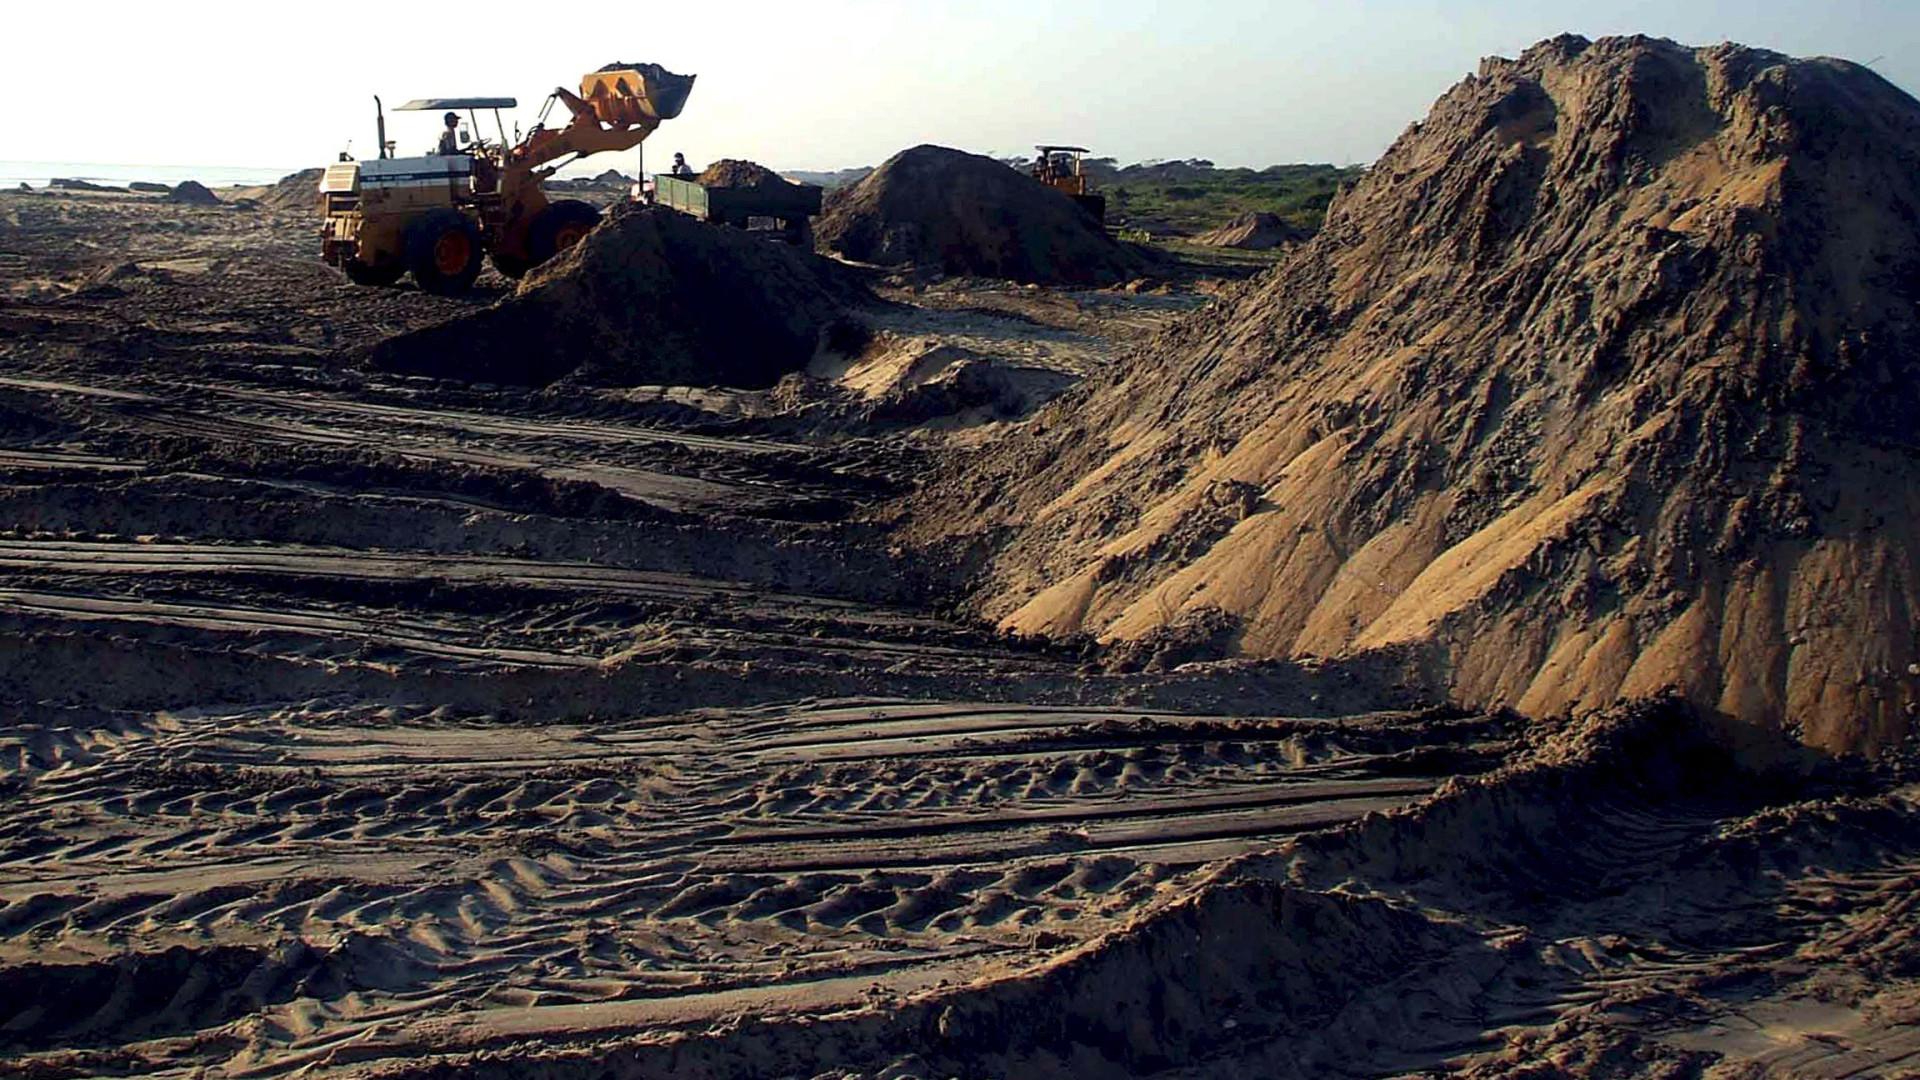 Empresa mineiras avaliam exploração de areias pesadas em Moçambique